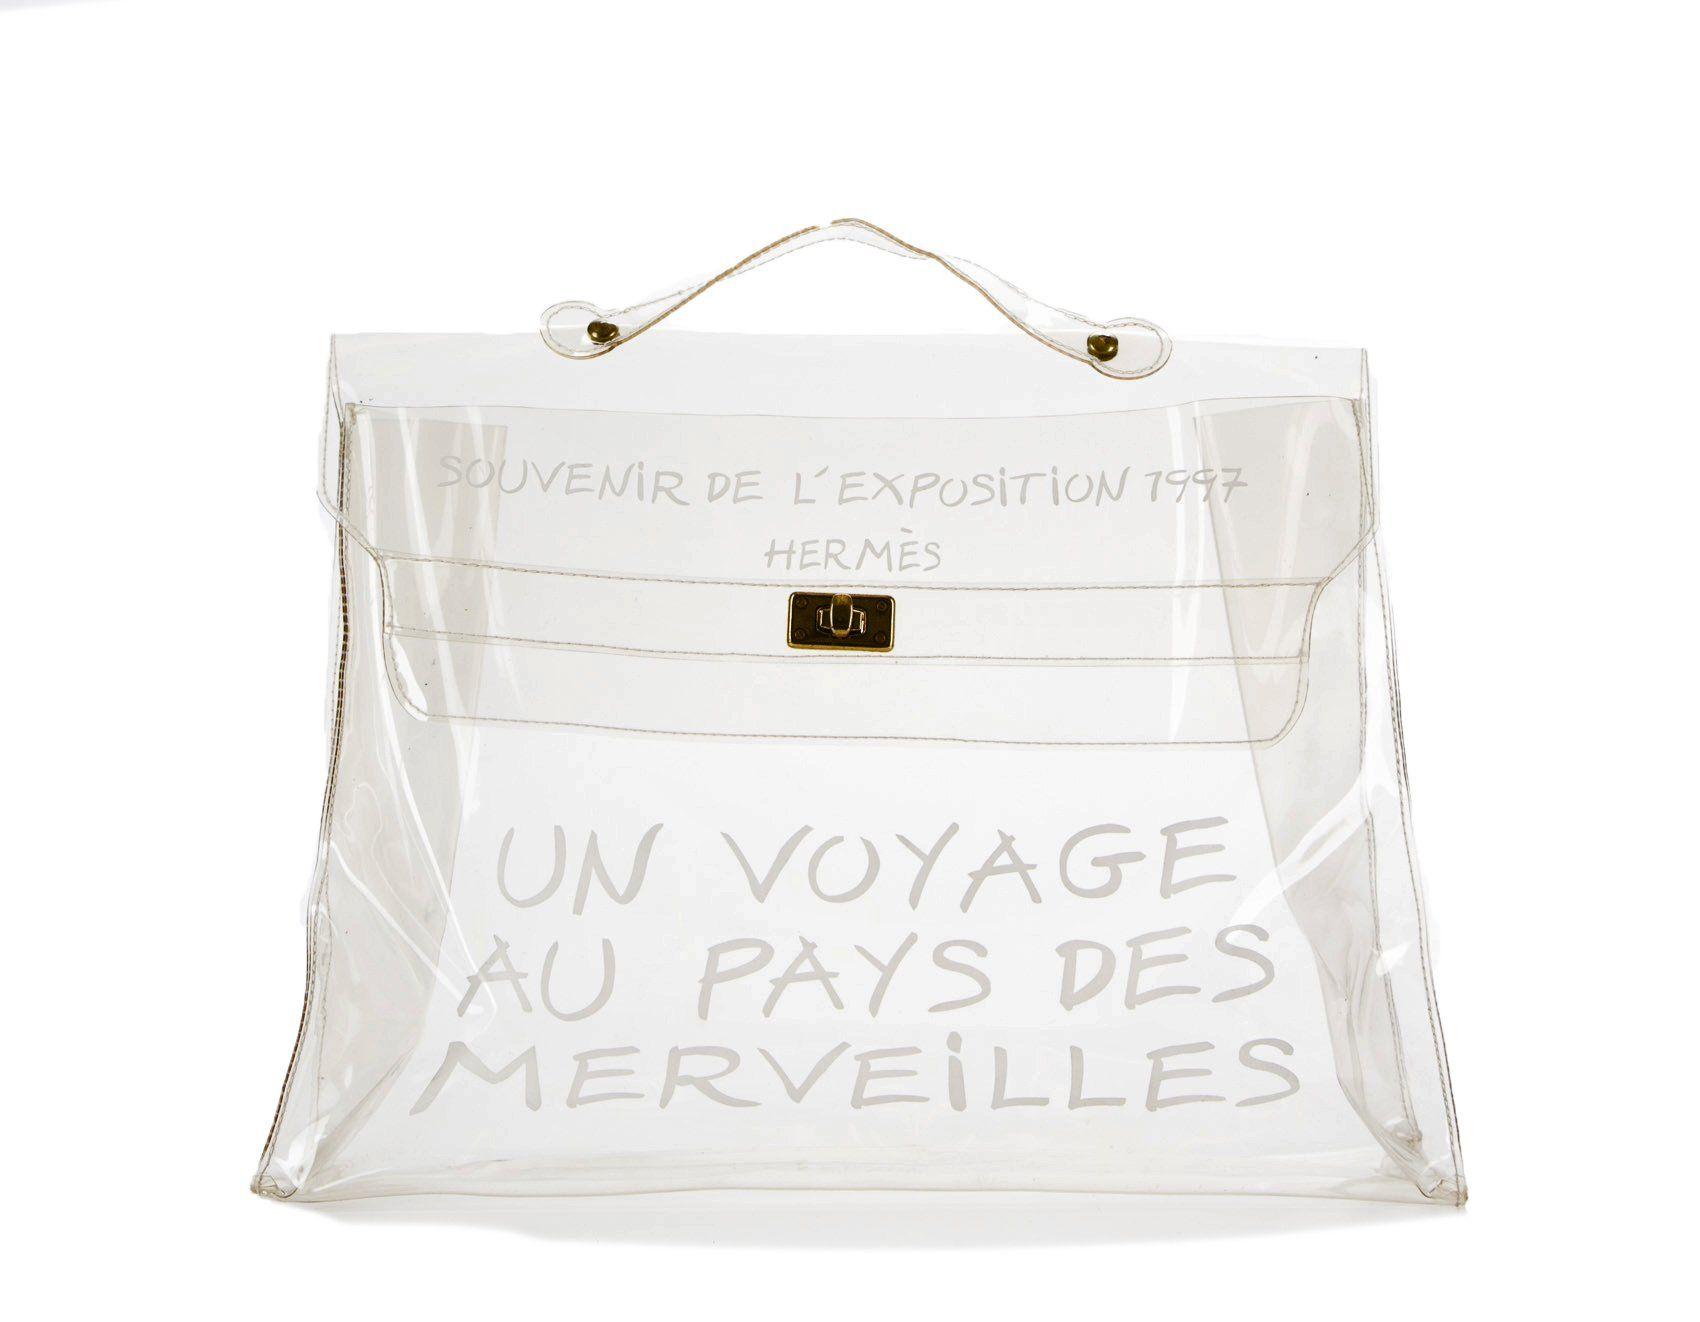 bd35d0b9a6d0 Hermes Clear Vinyl Souvenir de l'Exposition Kelly Bag | Products ...